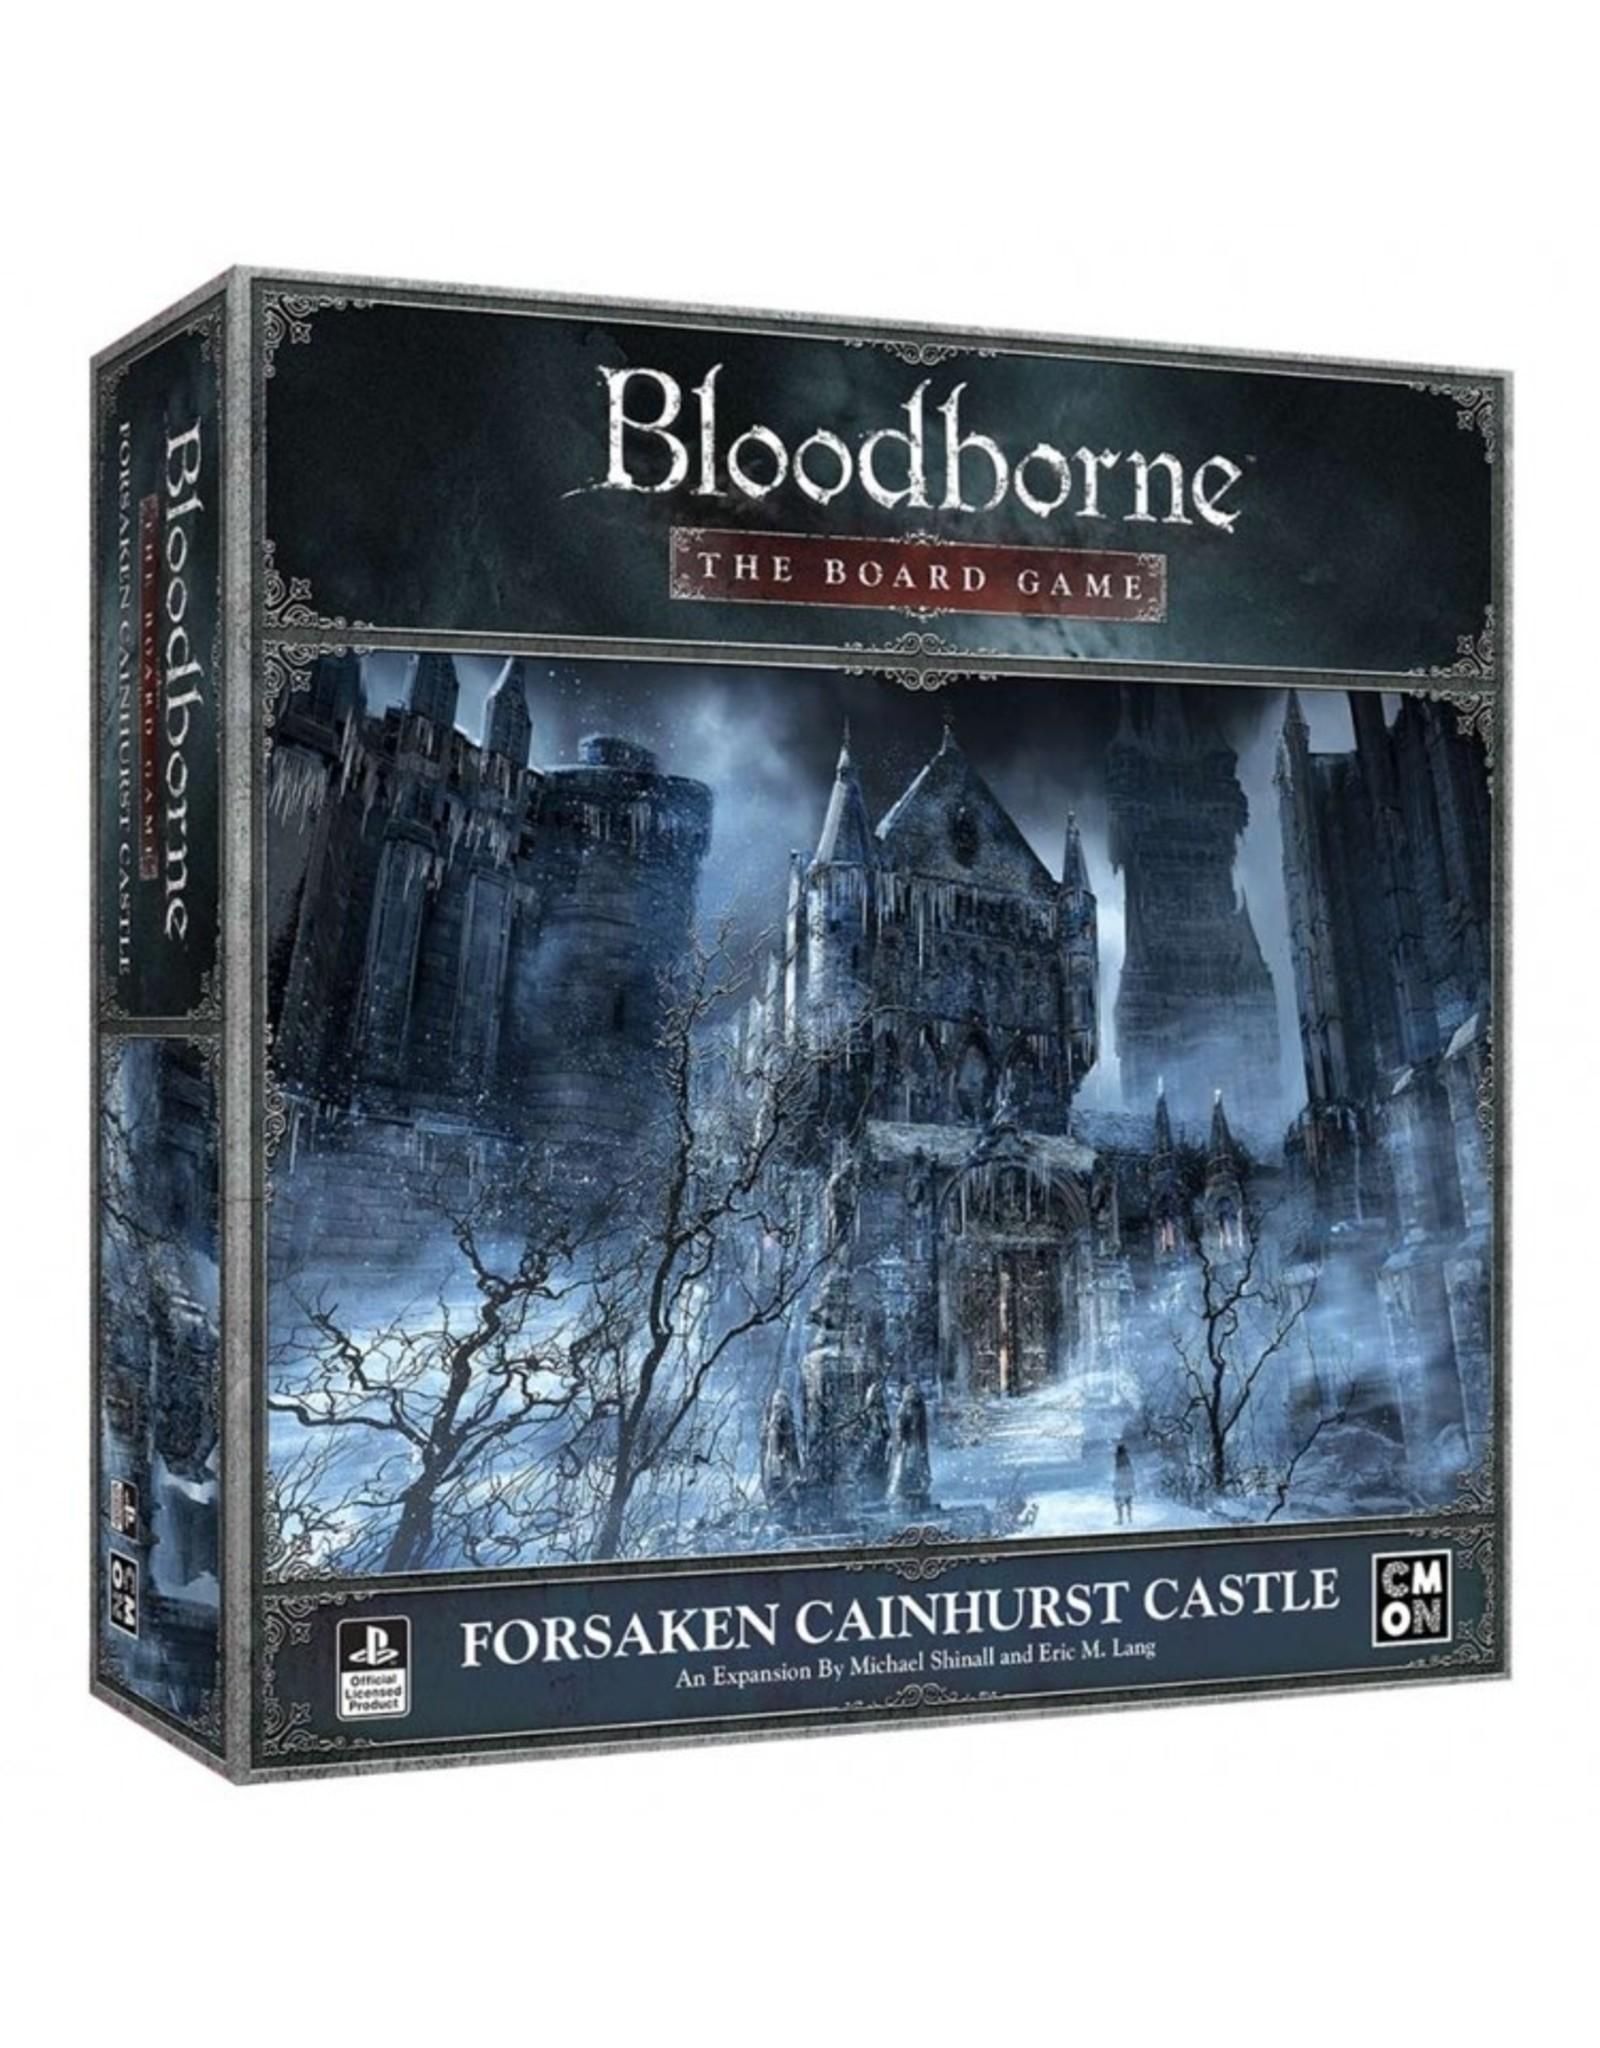 Cool Mini or Not Bloodborne: Forsaken Cainhurst Castle Exp